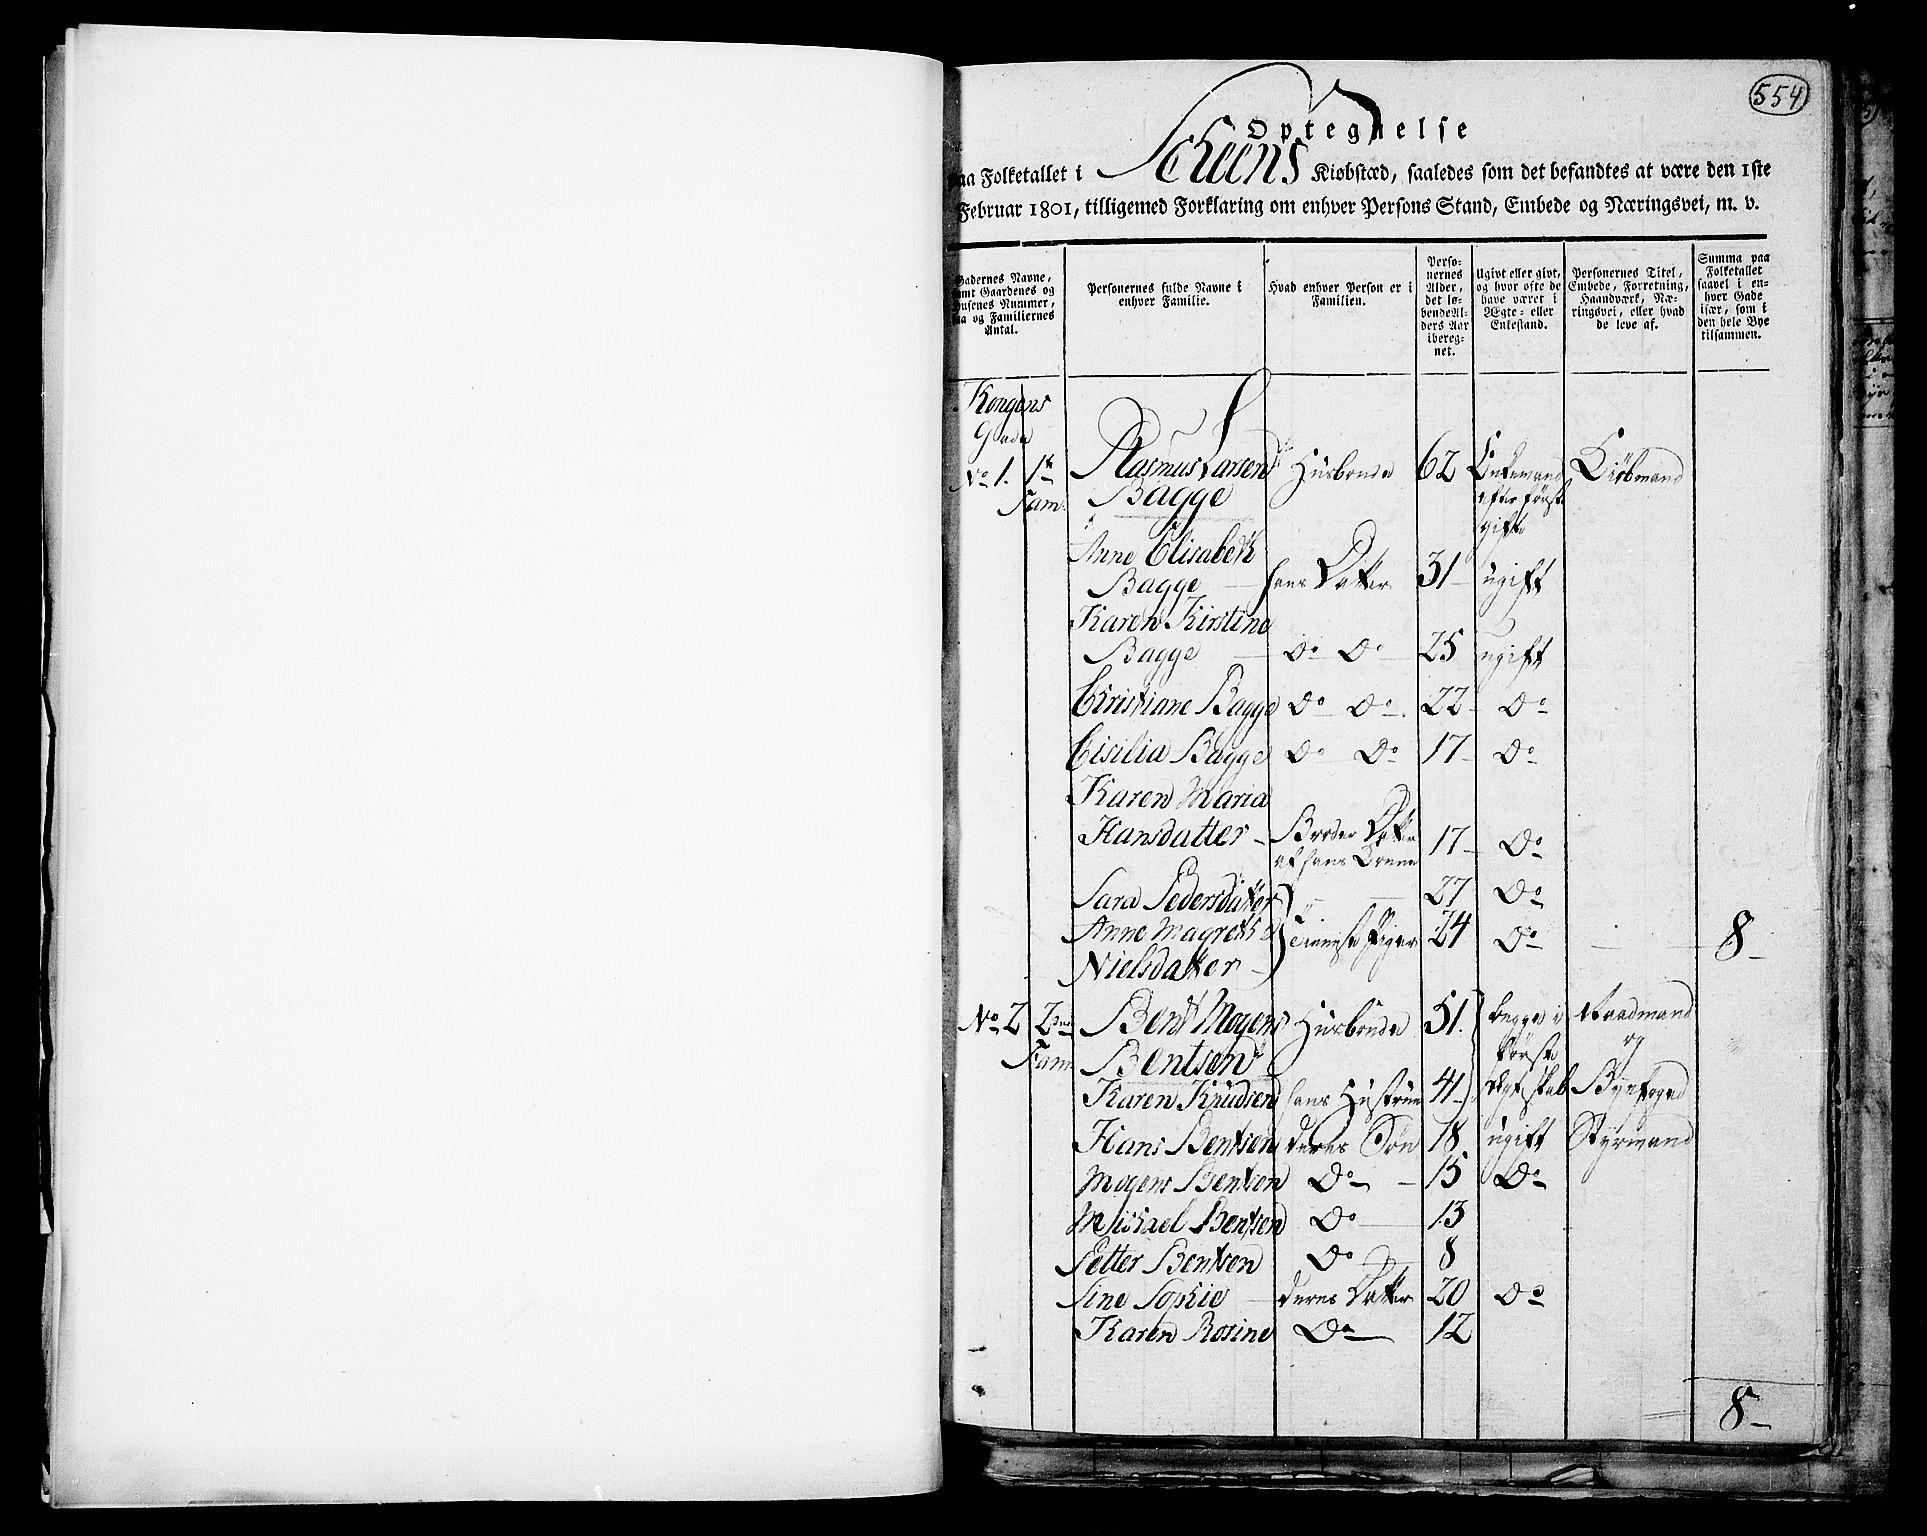 RA, Folketelling 1801 for 0806P Skien prestegjeld, 1801, s. 554a